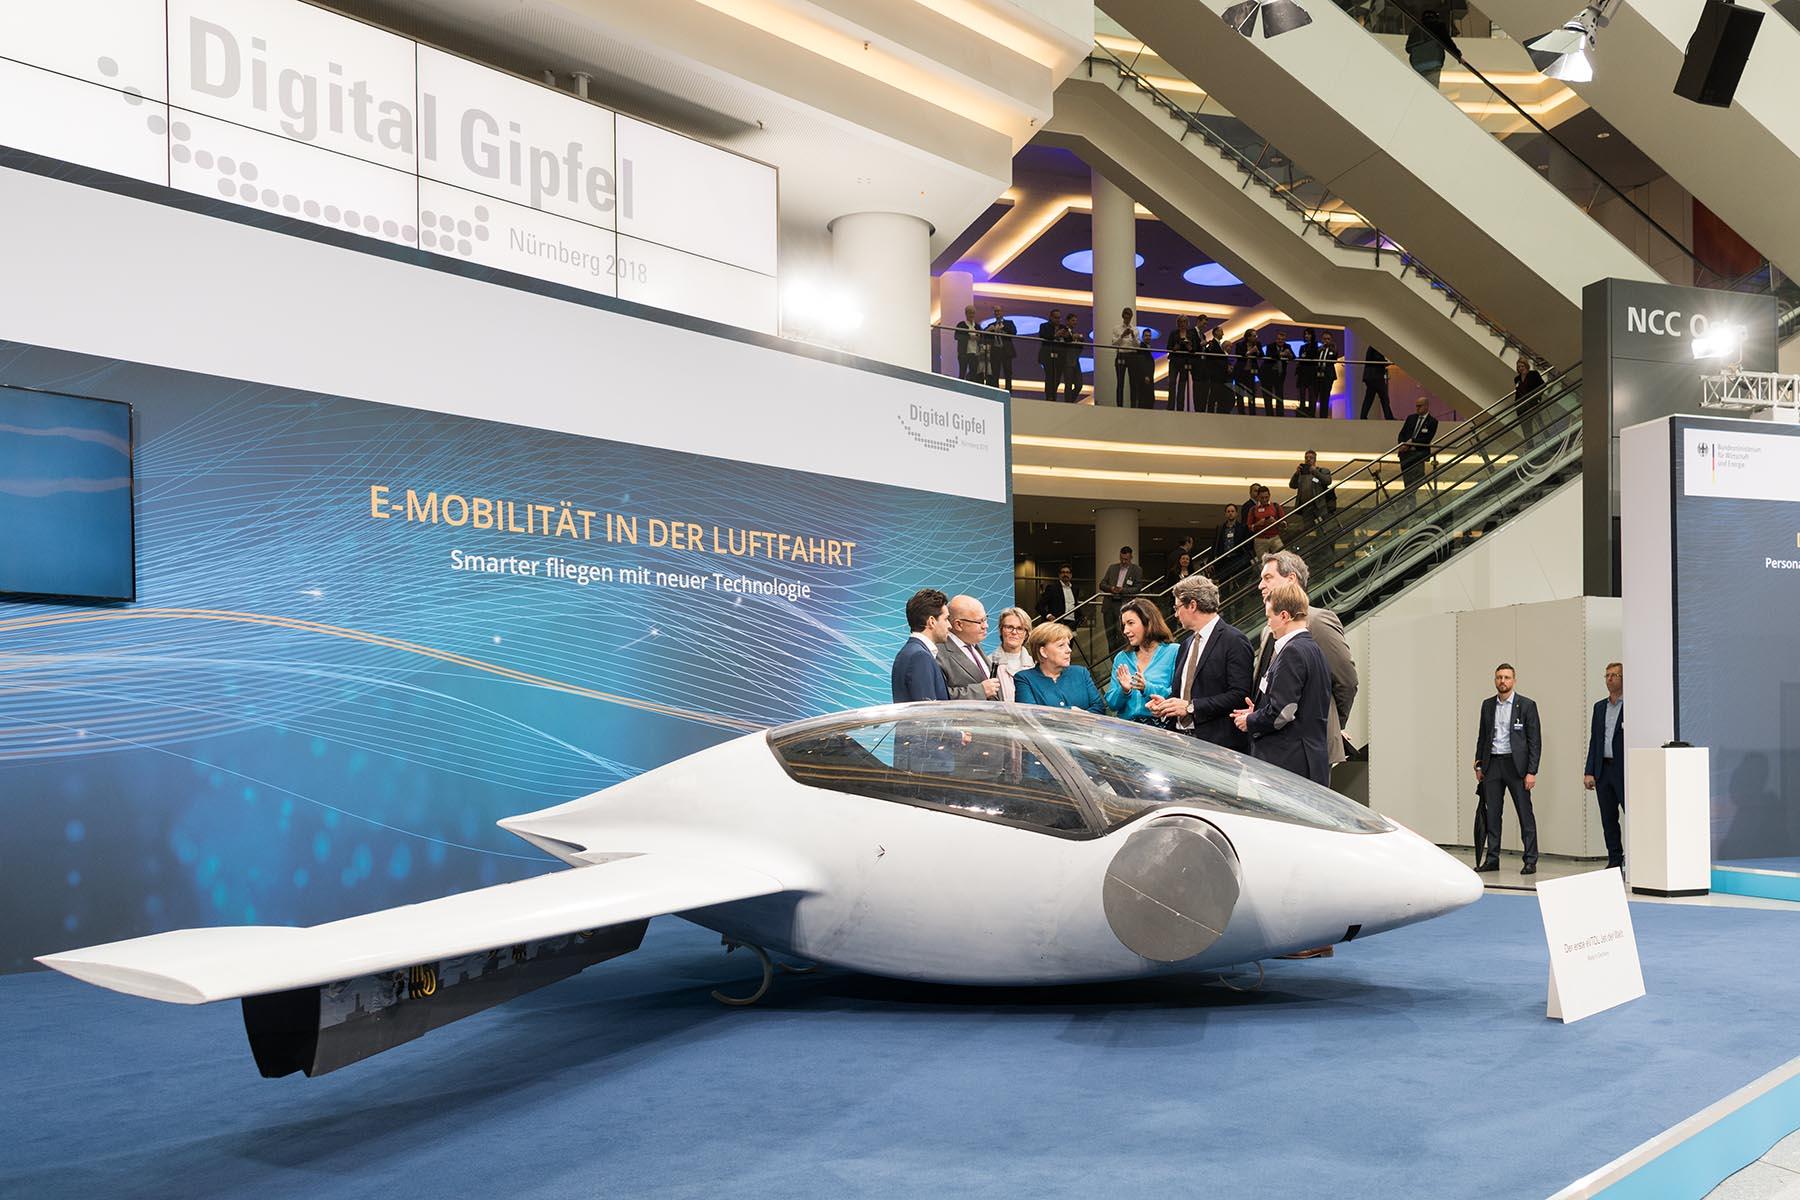 E-Mobilität in der Luftfahrt